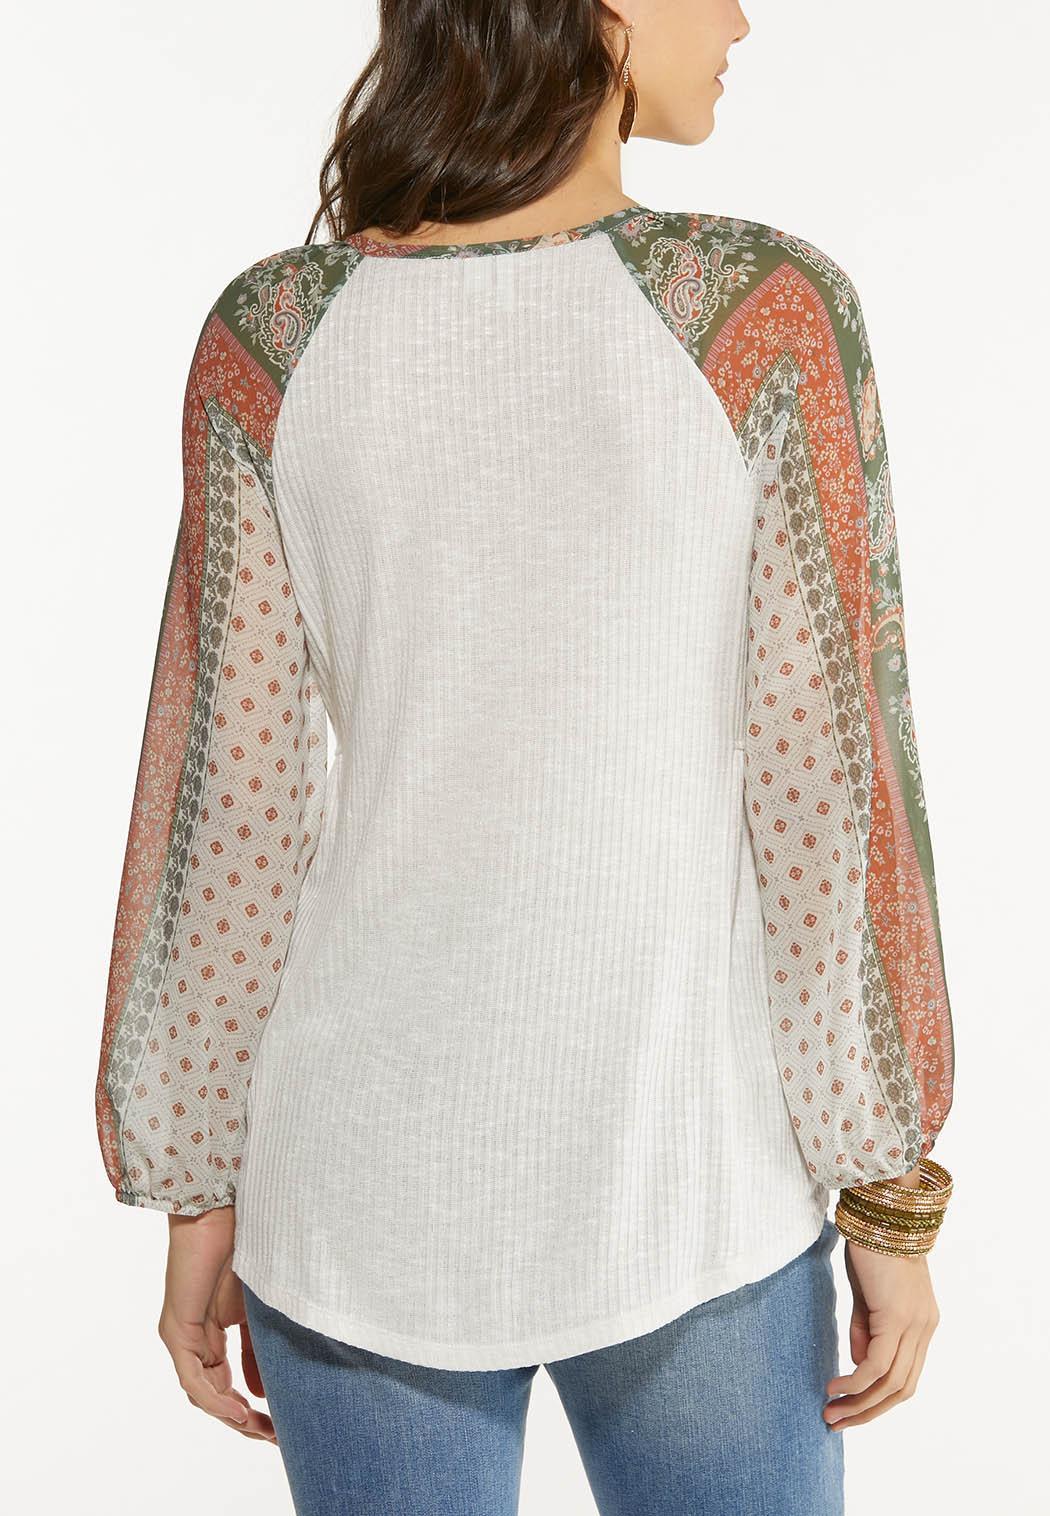 Sheer Patchwork Sleeve Top (Item #44523664)